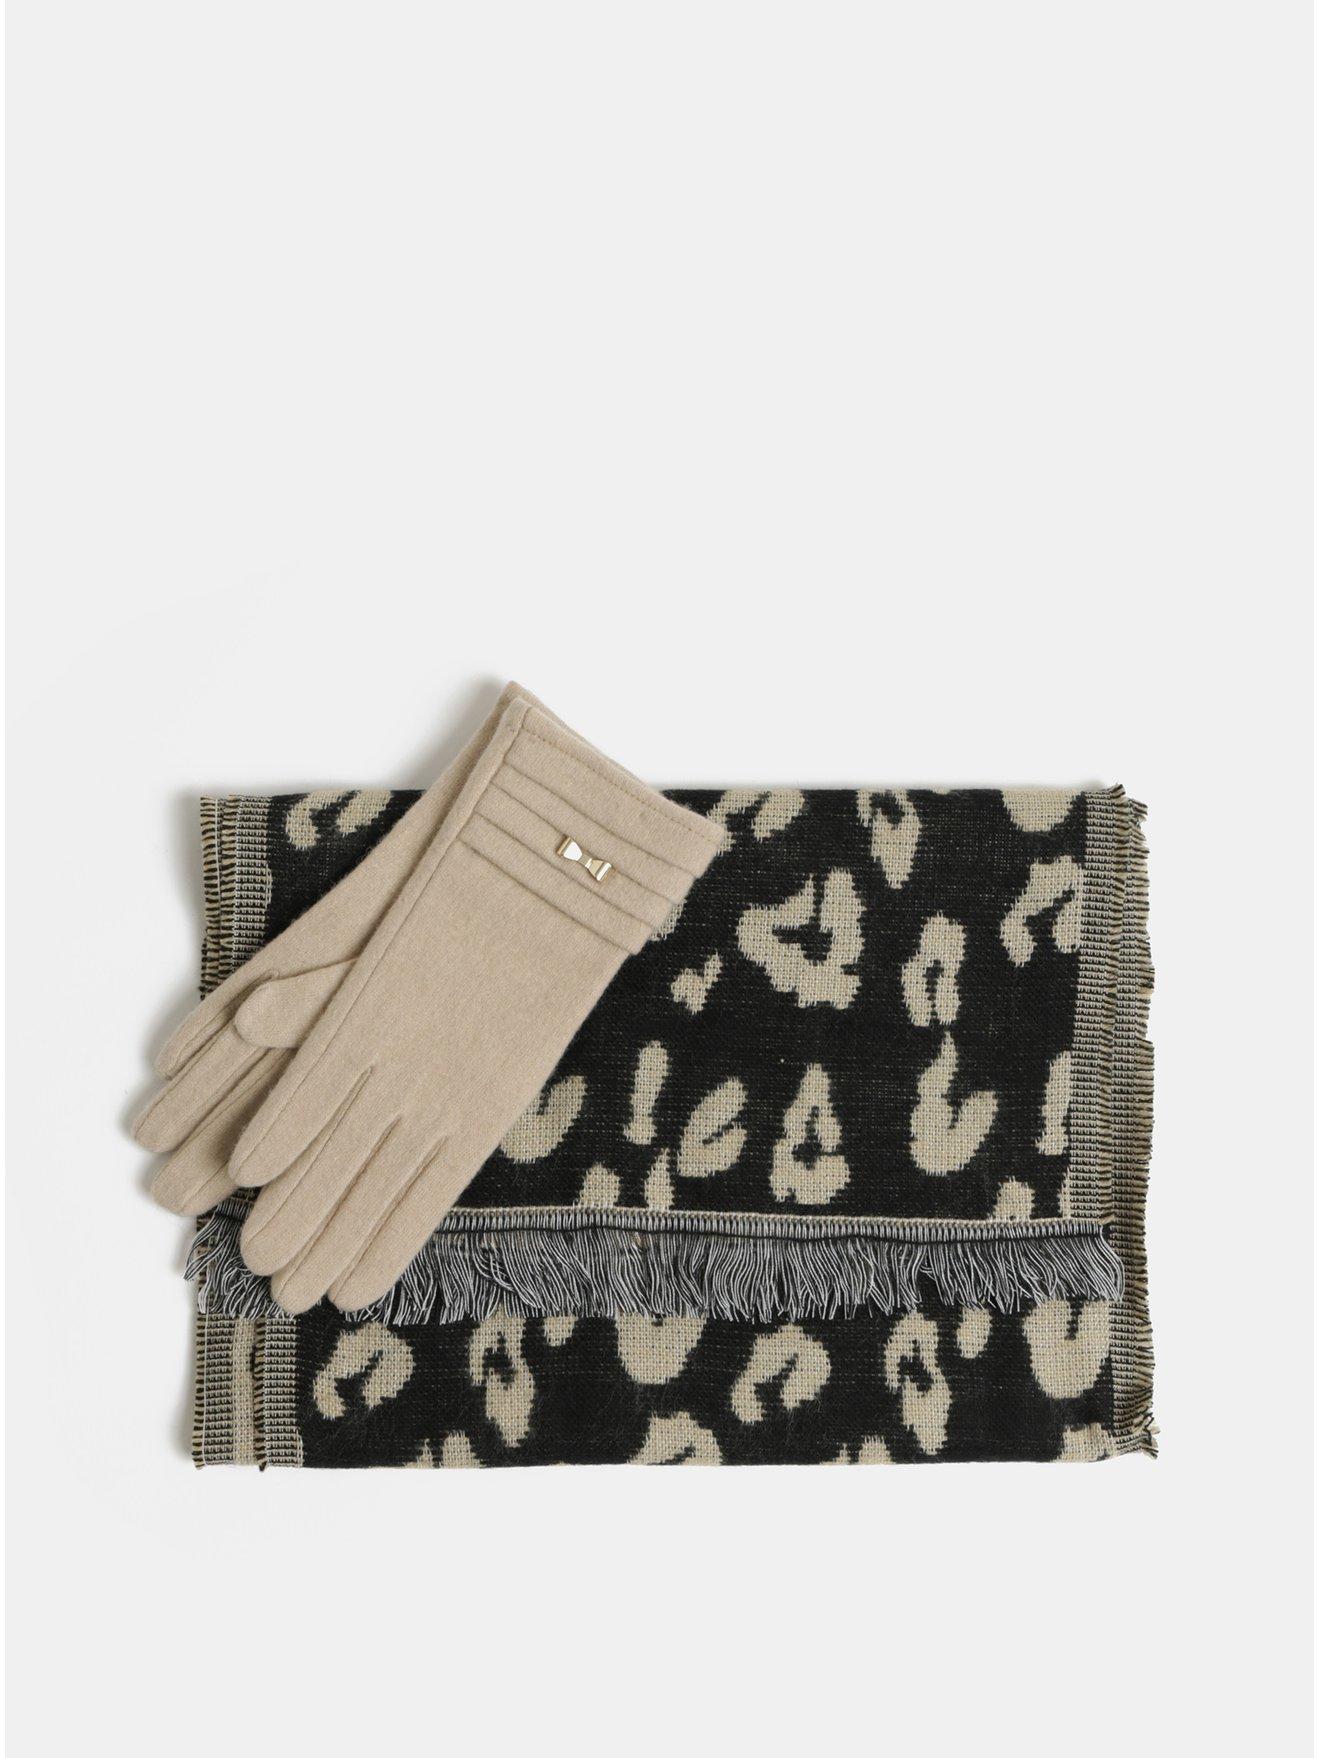 Sada šály a vlněných rukavic v černé a béžové barvě v dárkovém balení  Something Special 03bf6bcaf9